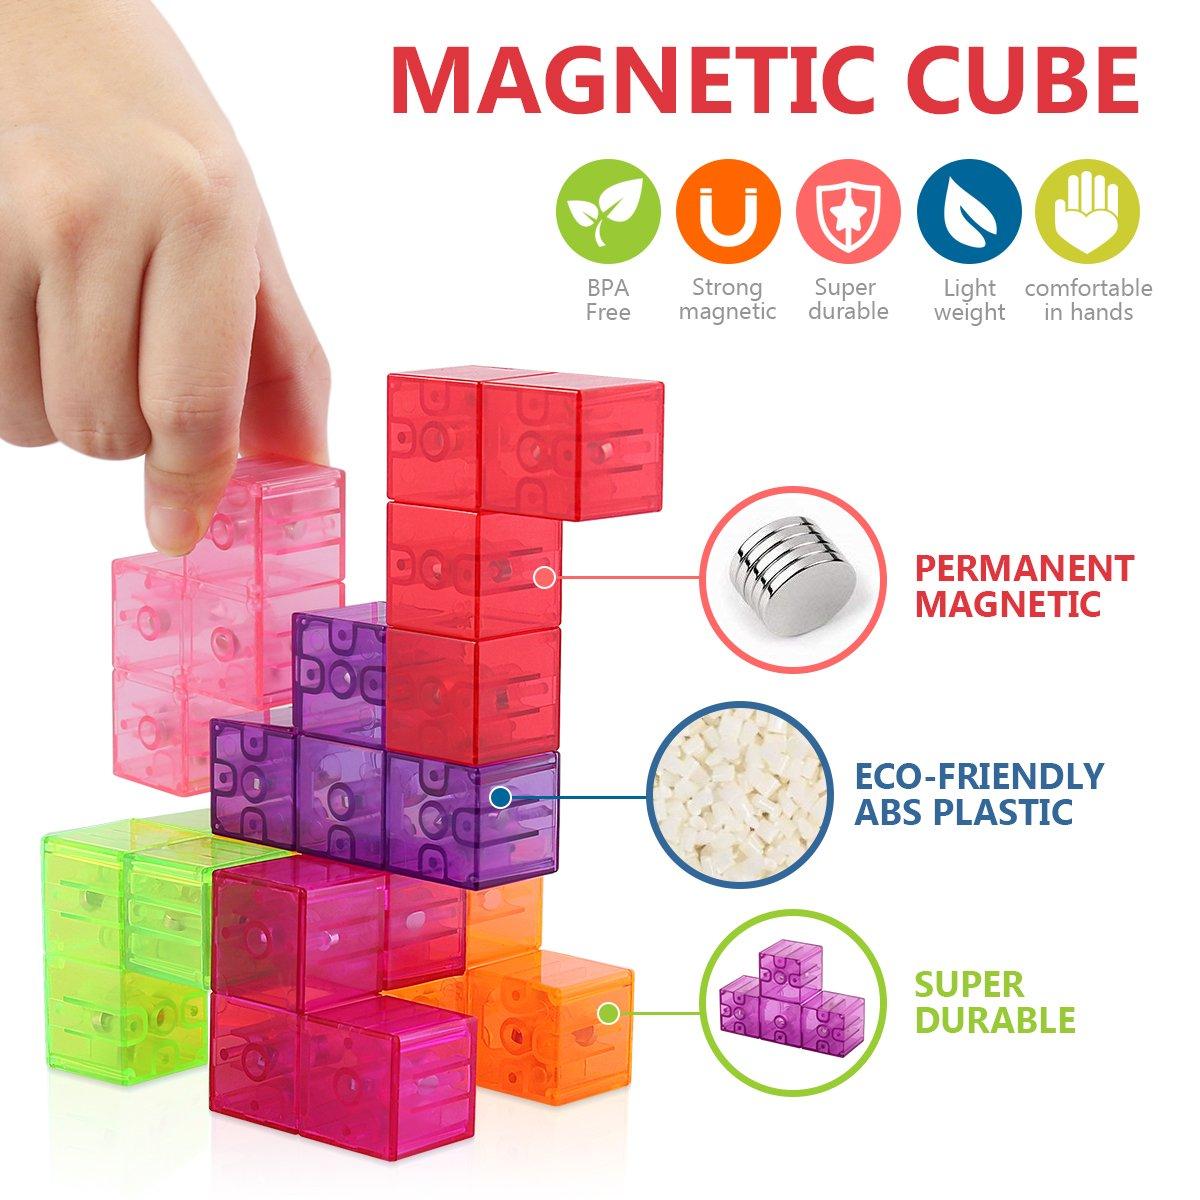 D-FantiX Magnetic Building Blocks Tetris Puzzle Cube 7pcs/Set Square 3D Brain Teaser Puzzle Magnetic Tiles Stress Relief Toy Games for Kids ( Cube Size 2.36in) by D-FantiX (Image #4)